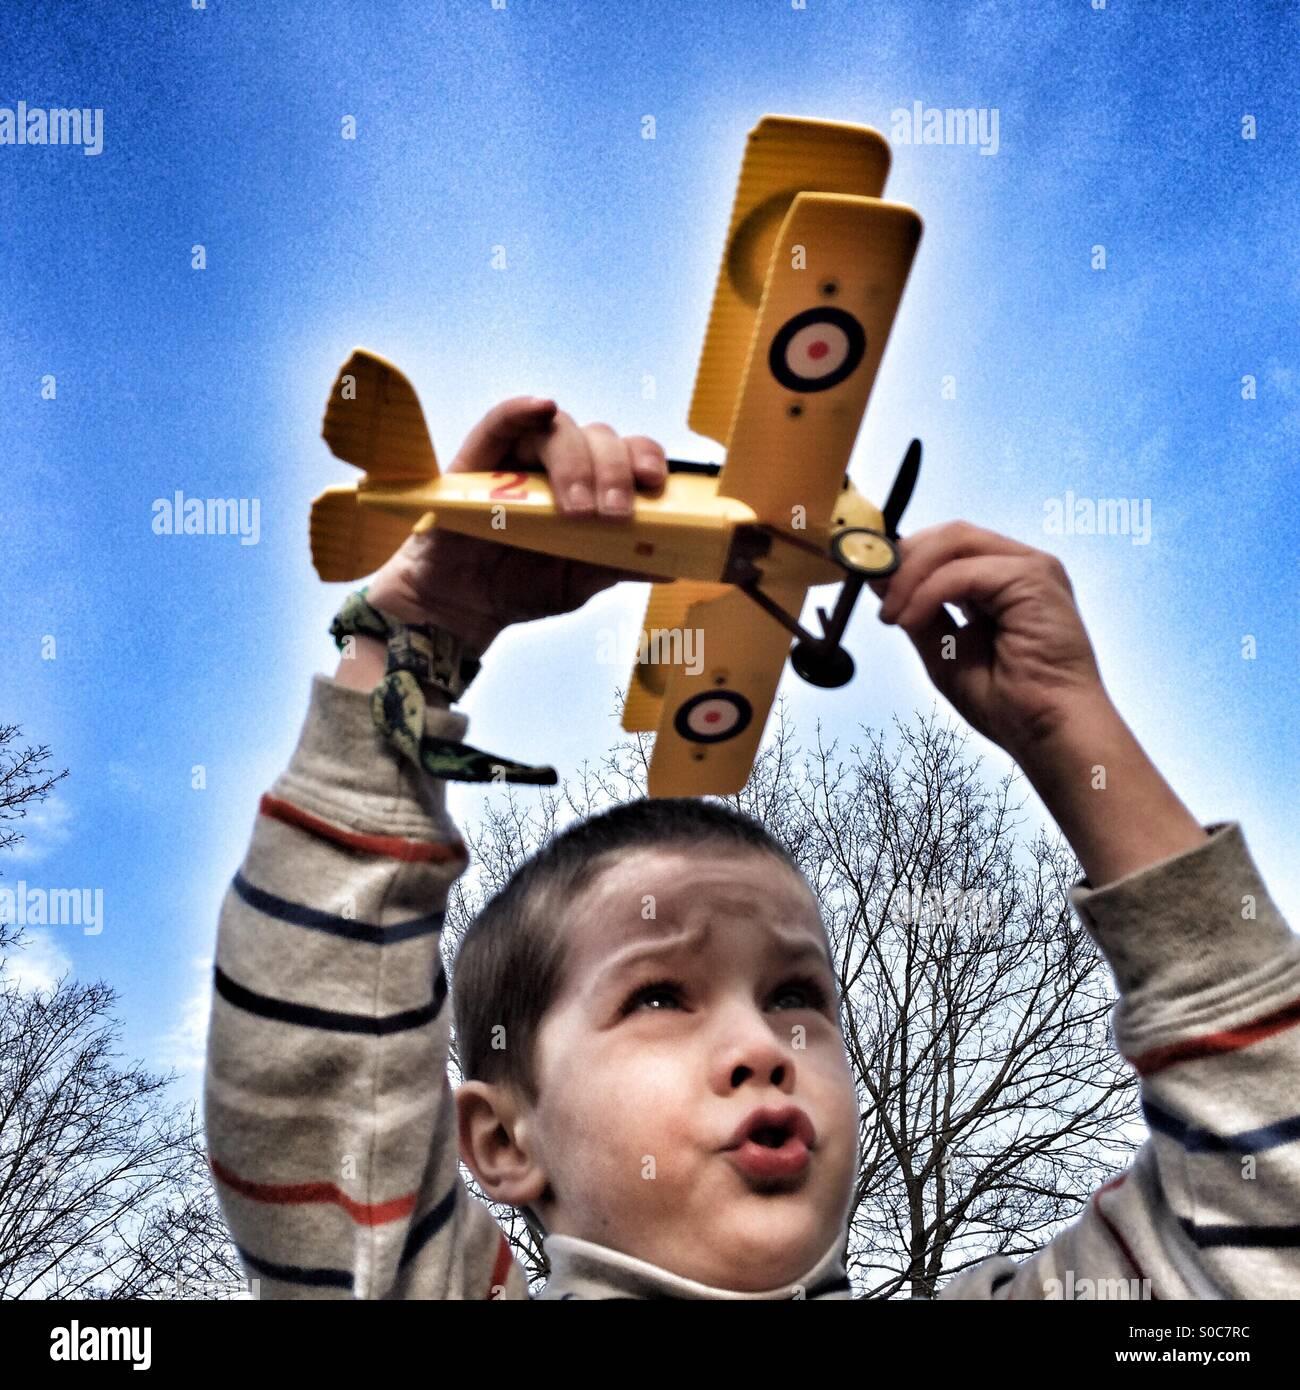 Ragazzo giovane battenti biplano giocattolo Immagini Stock